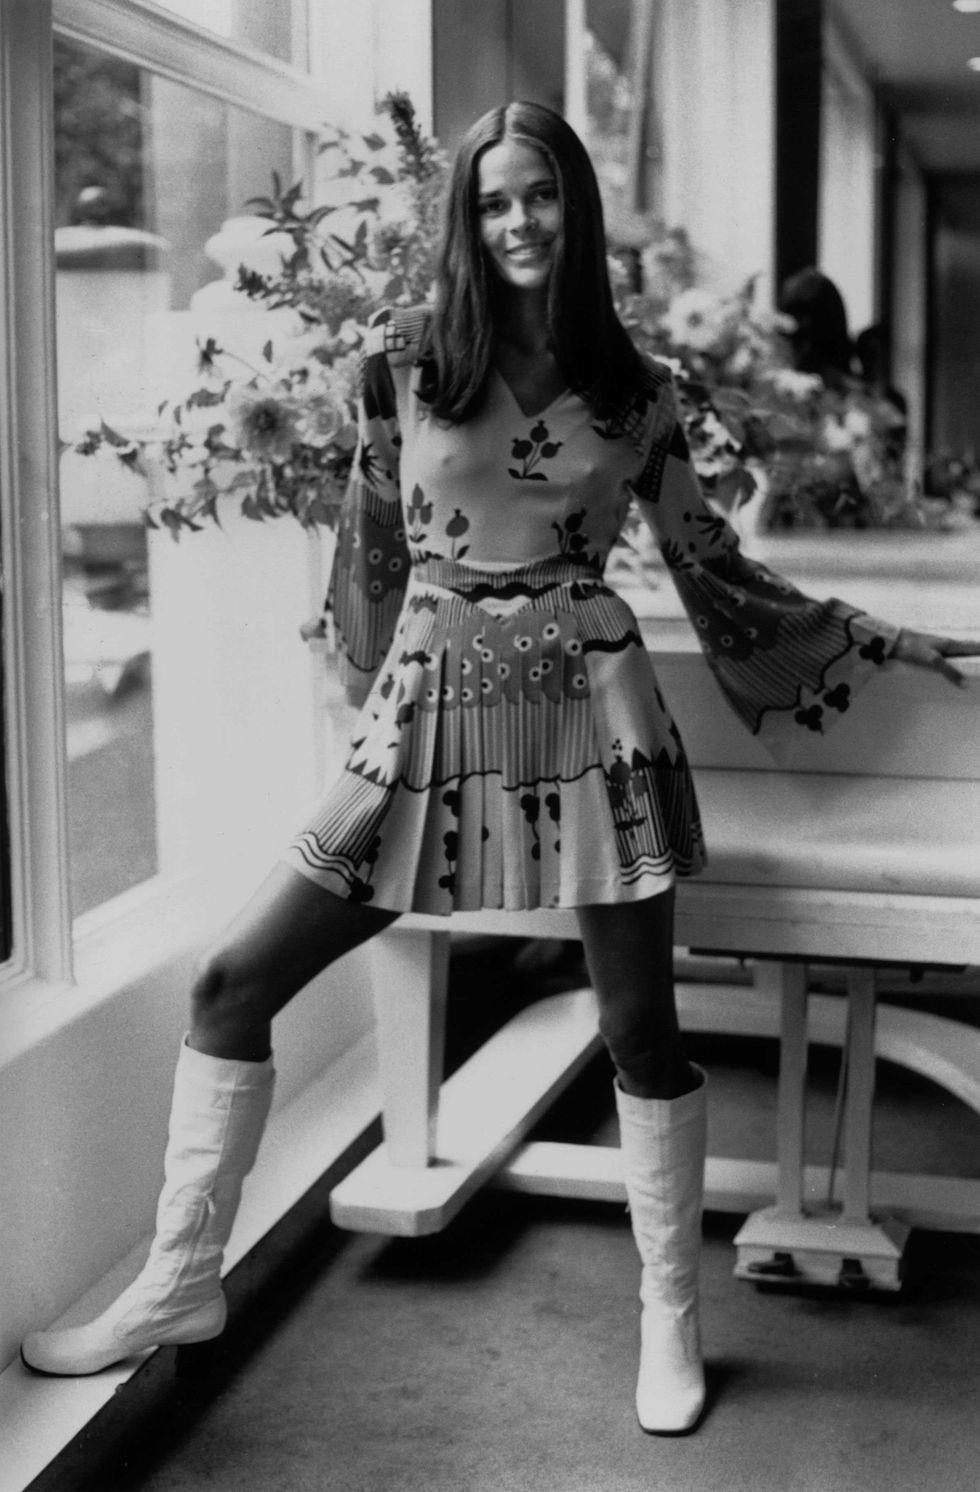 Ali Macgraw mặc đầm xếp ly in họa tiết cùng giày bốt lửng đậm chất hippie